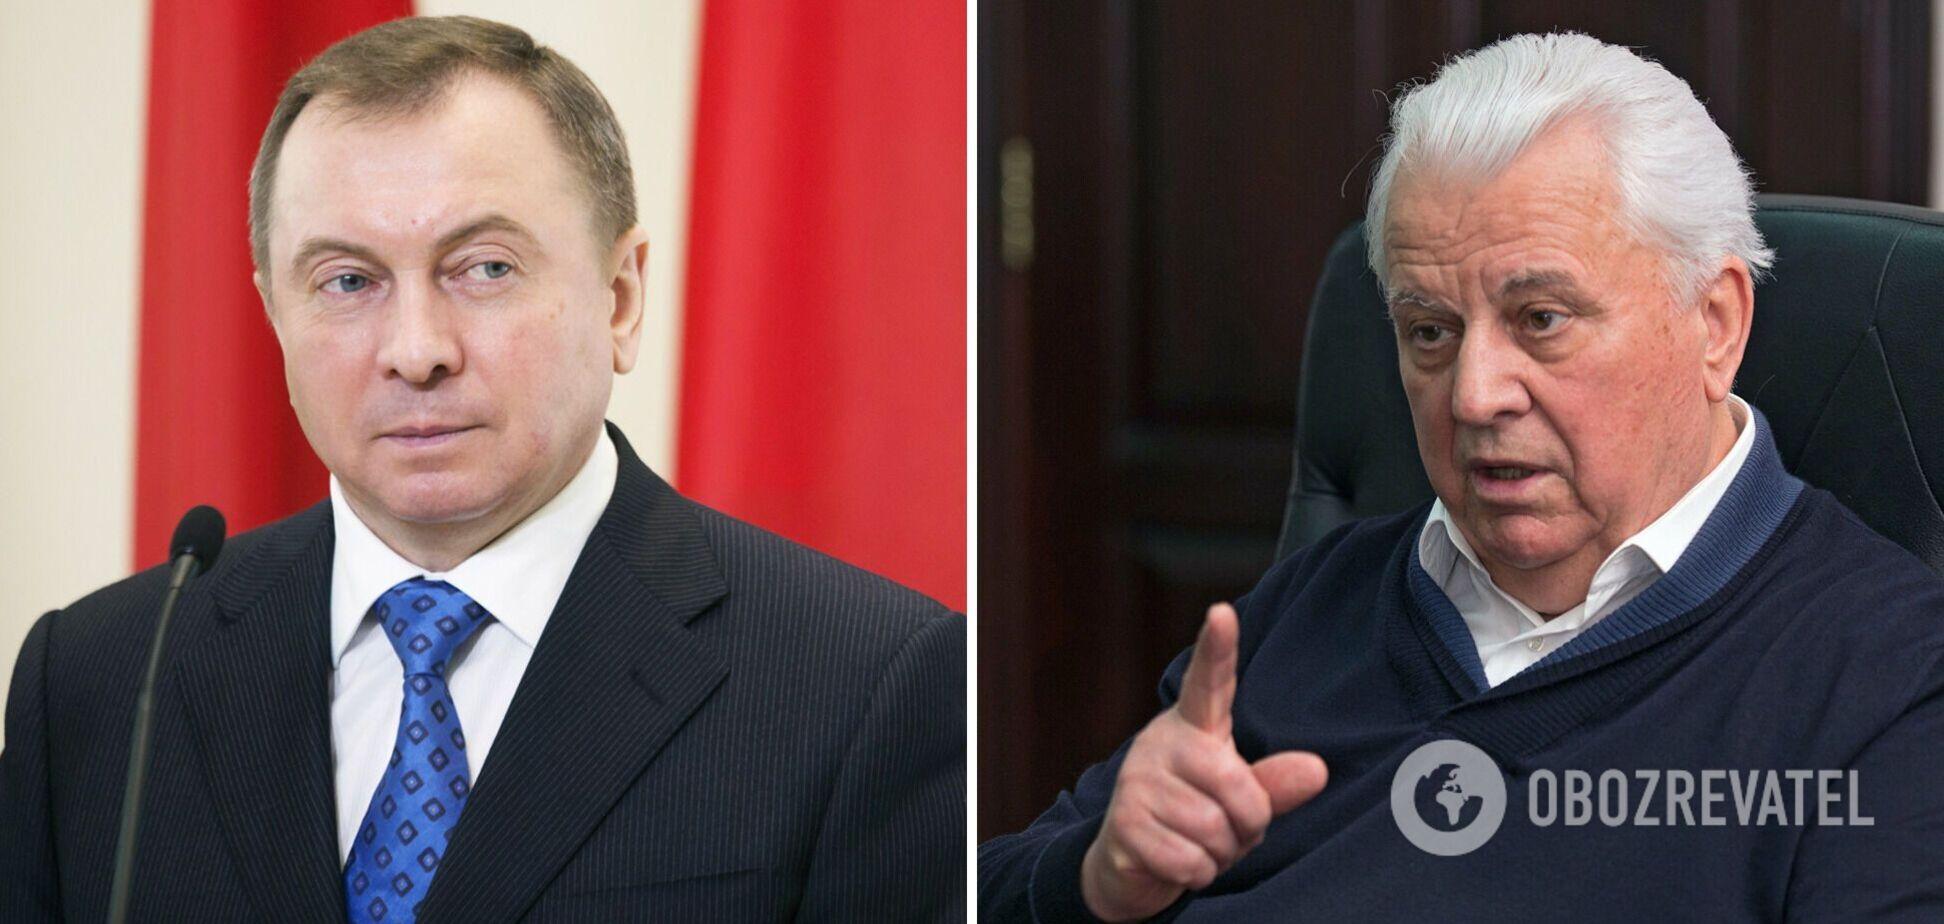 У Білорусі назвали 'вакханалією' плани України перенести переговори ТКГ в Польщу